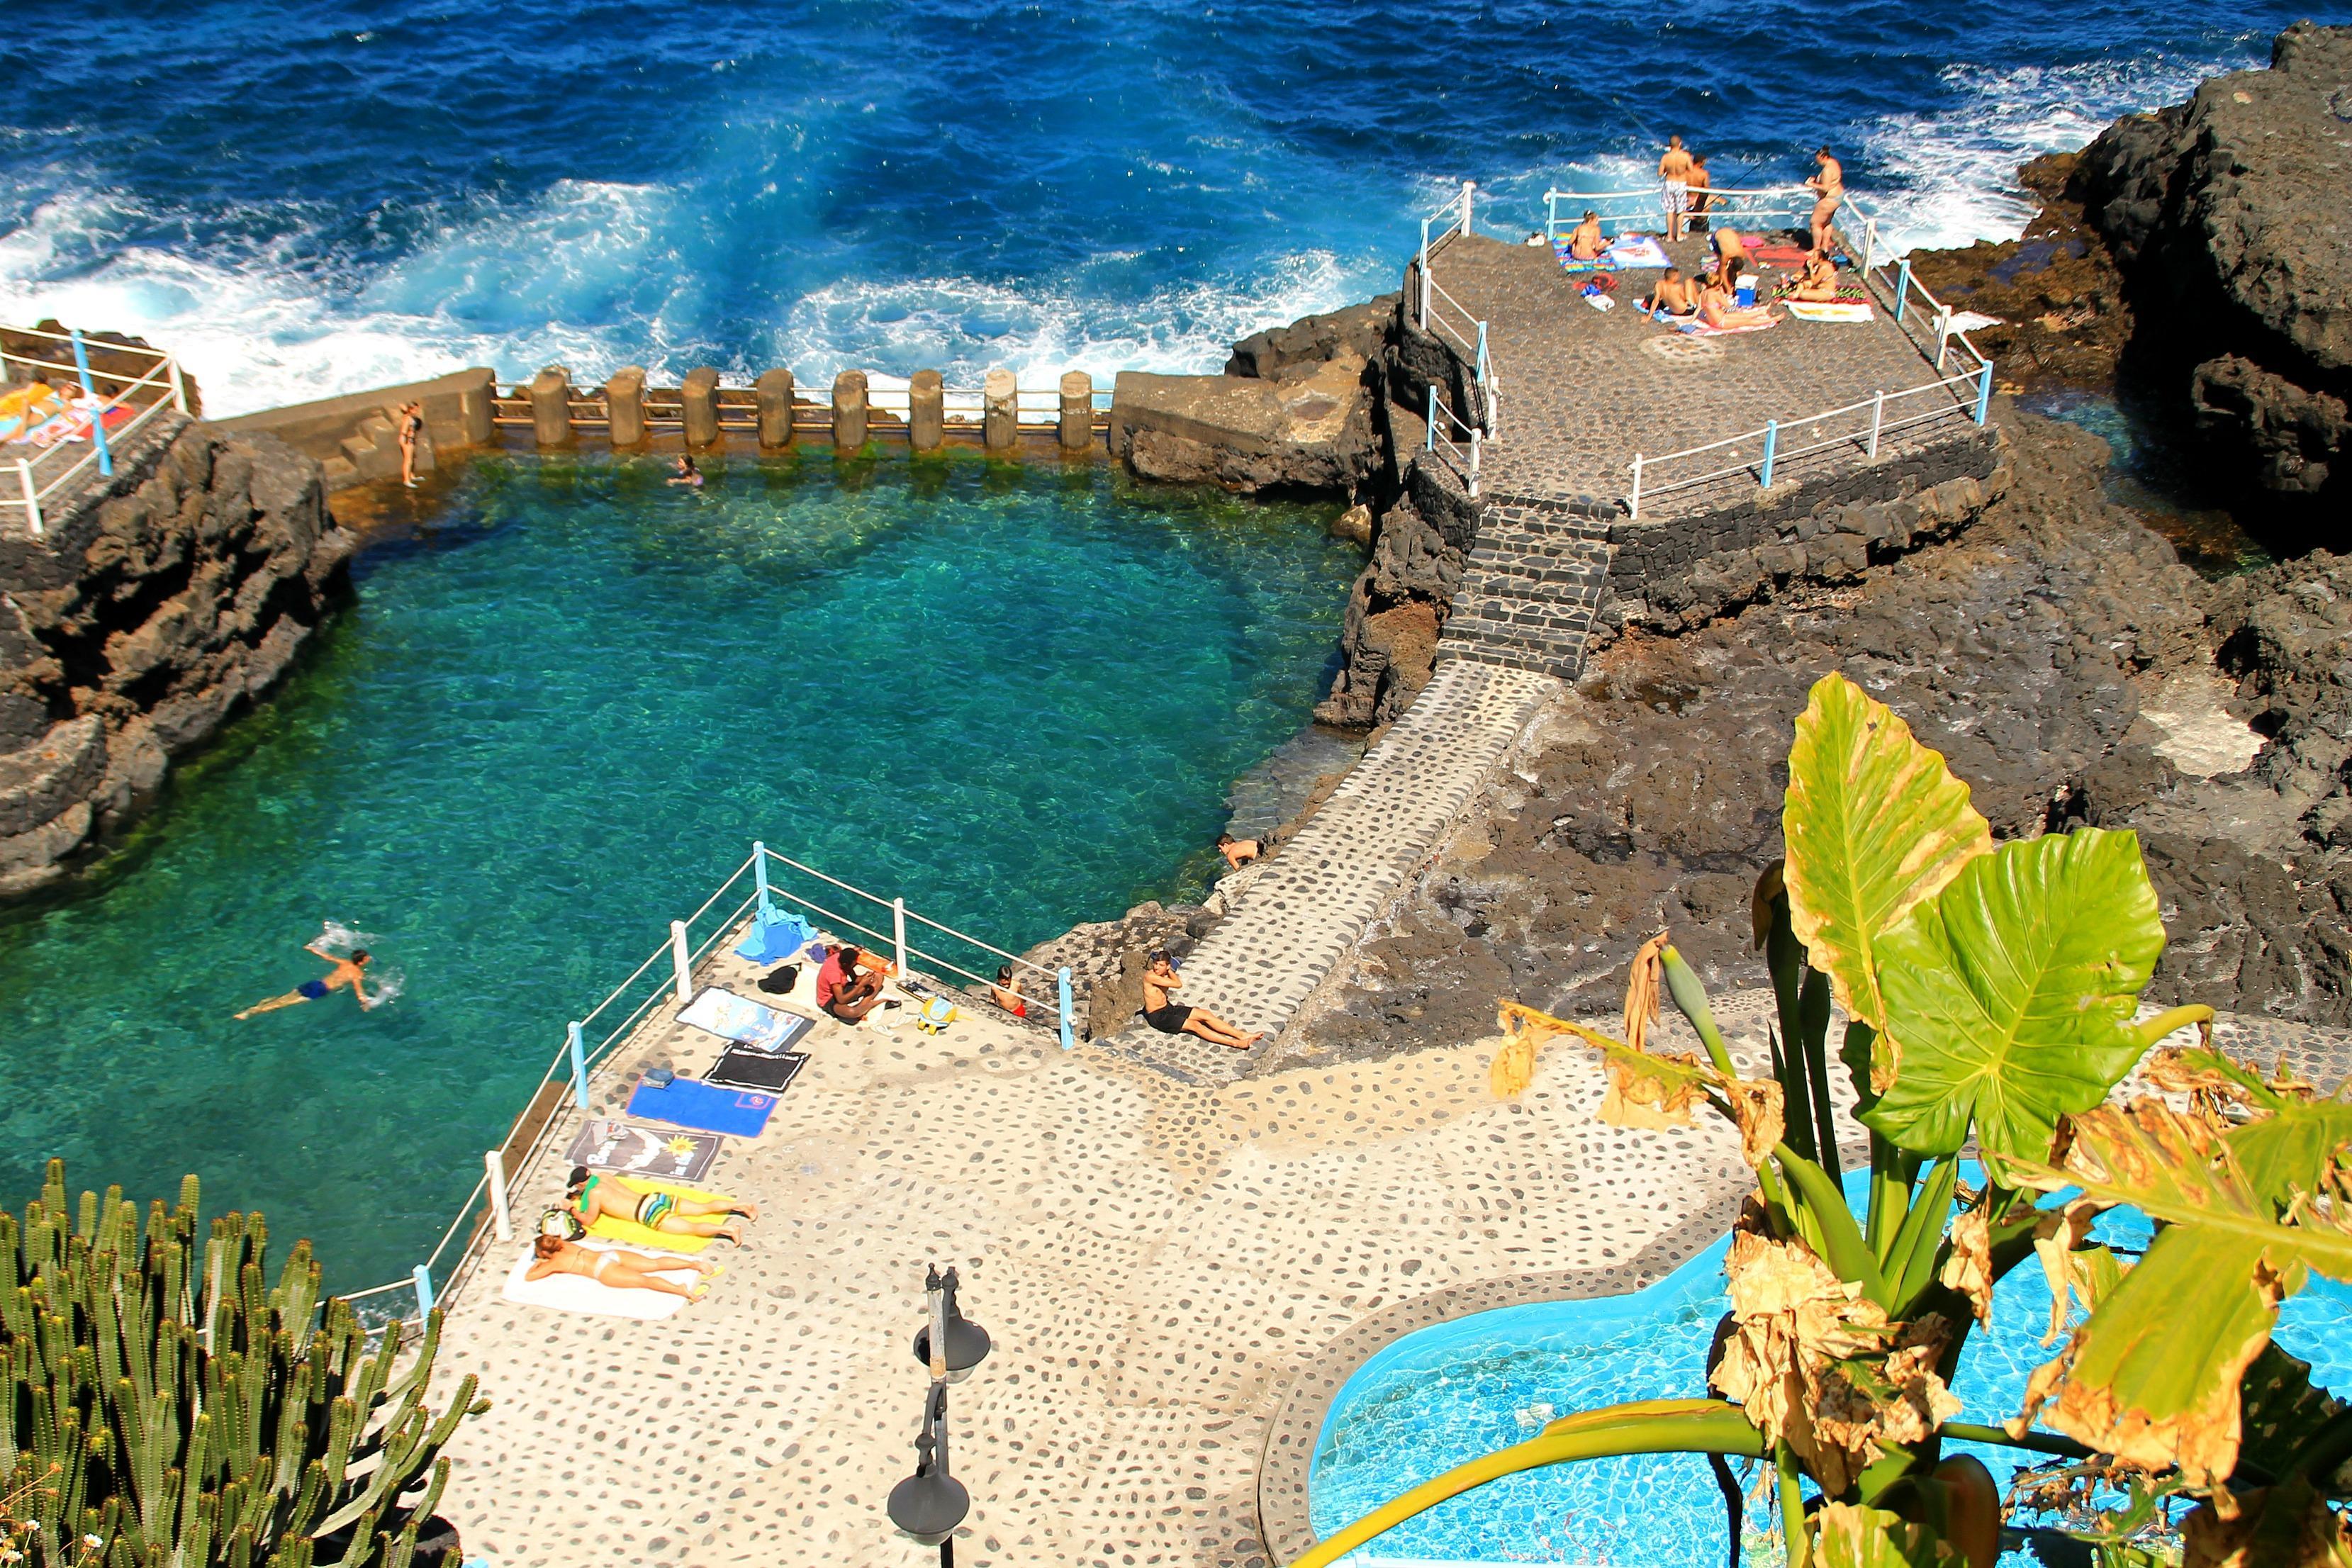 Las 10 mejores piscinas naturales de espa a wsd water - Piscinas naturales espana ...